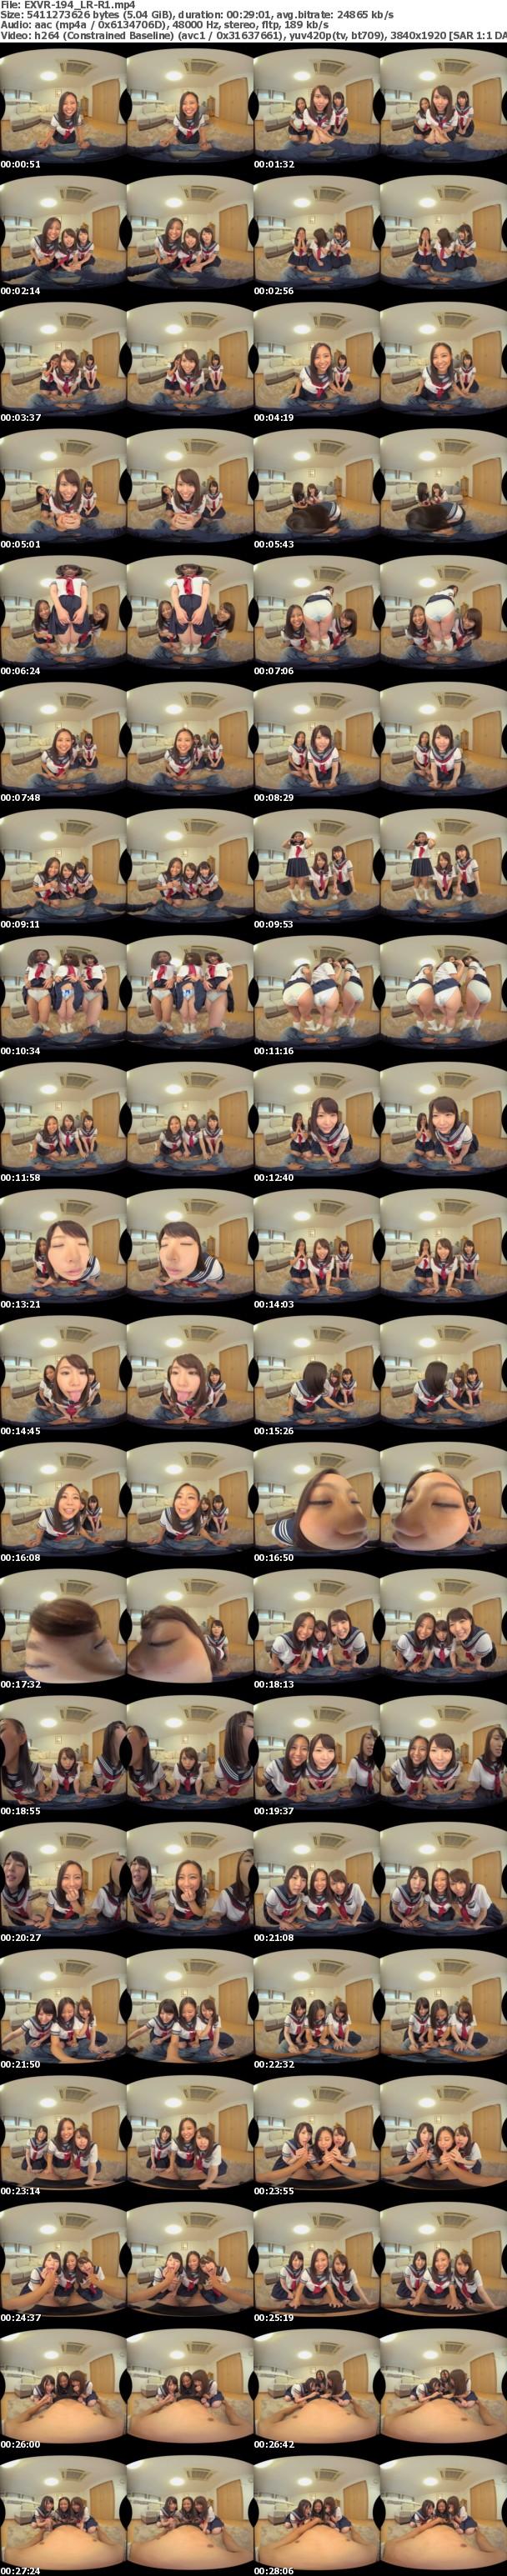 VR/3D EXVR-194 【超高画質版】妹風俗でかわいい妹達に中出しハーレム天国プレイ! 森下美怜 神谷充希 天月叶菜